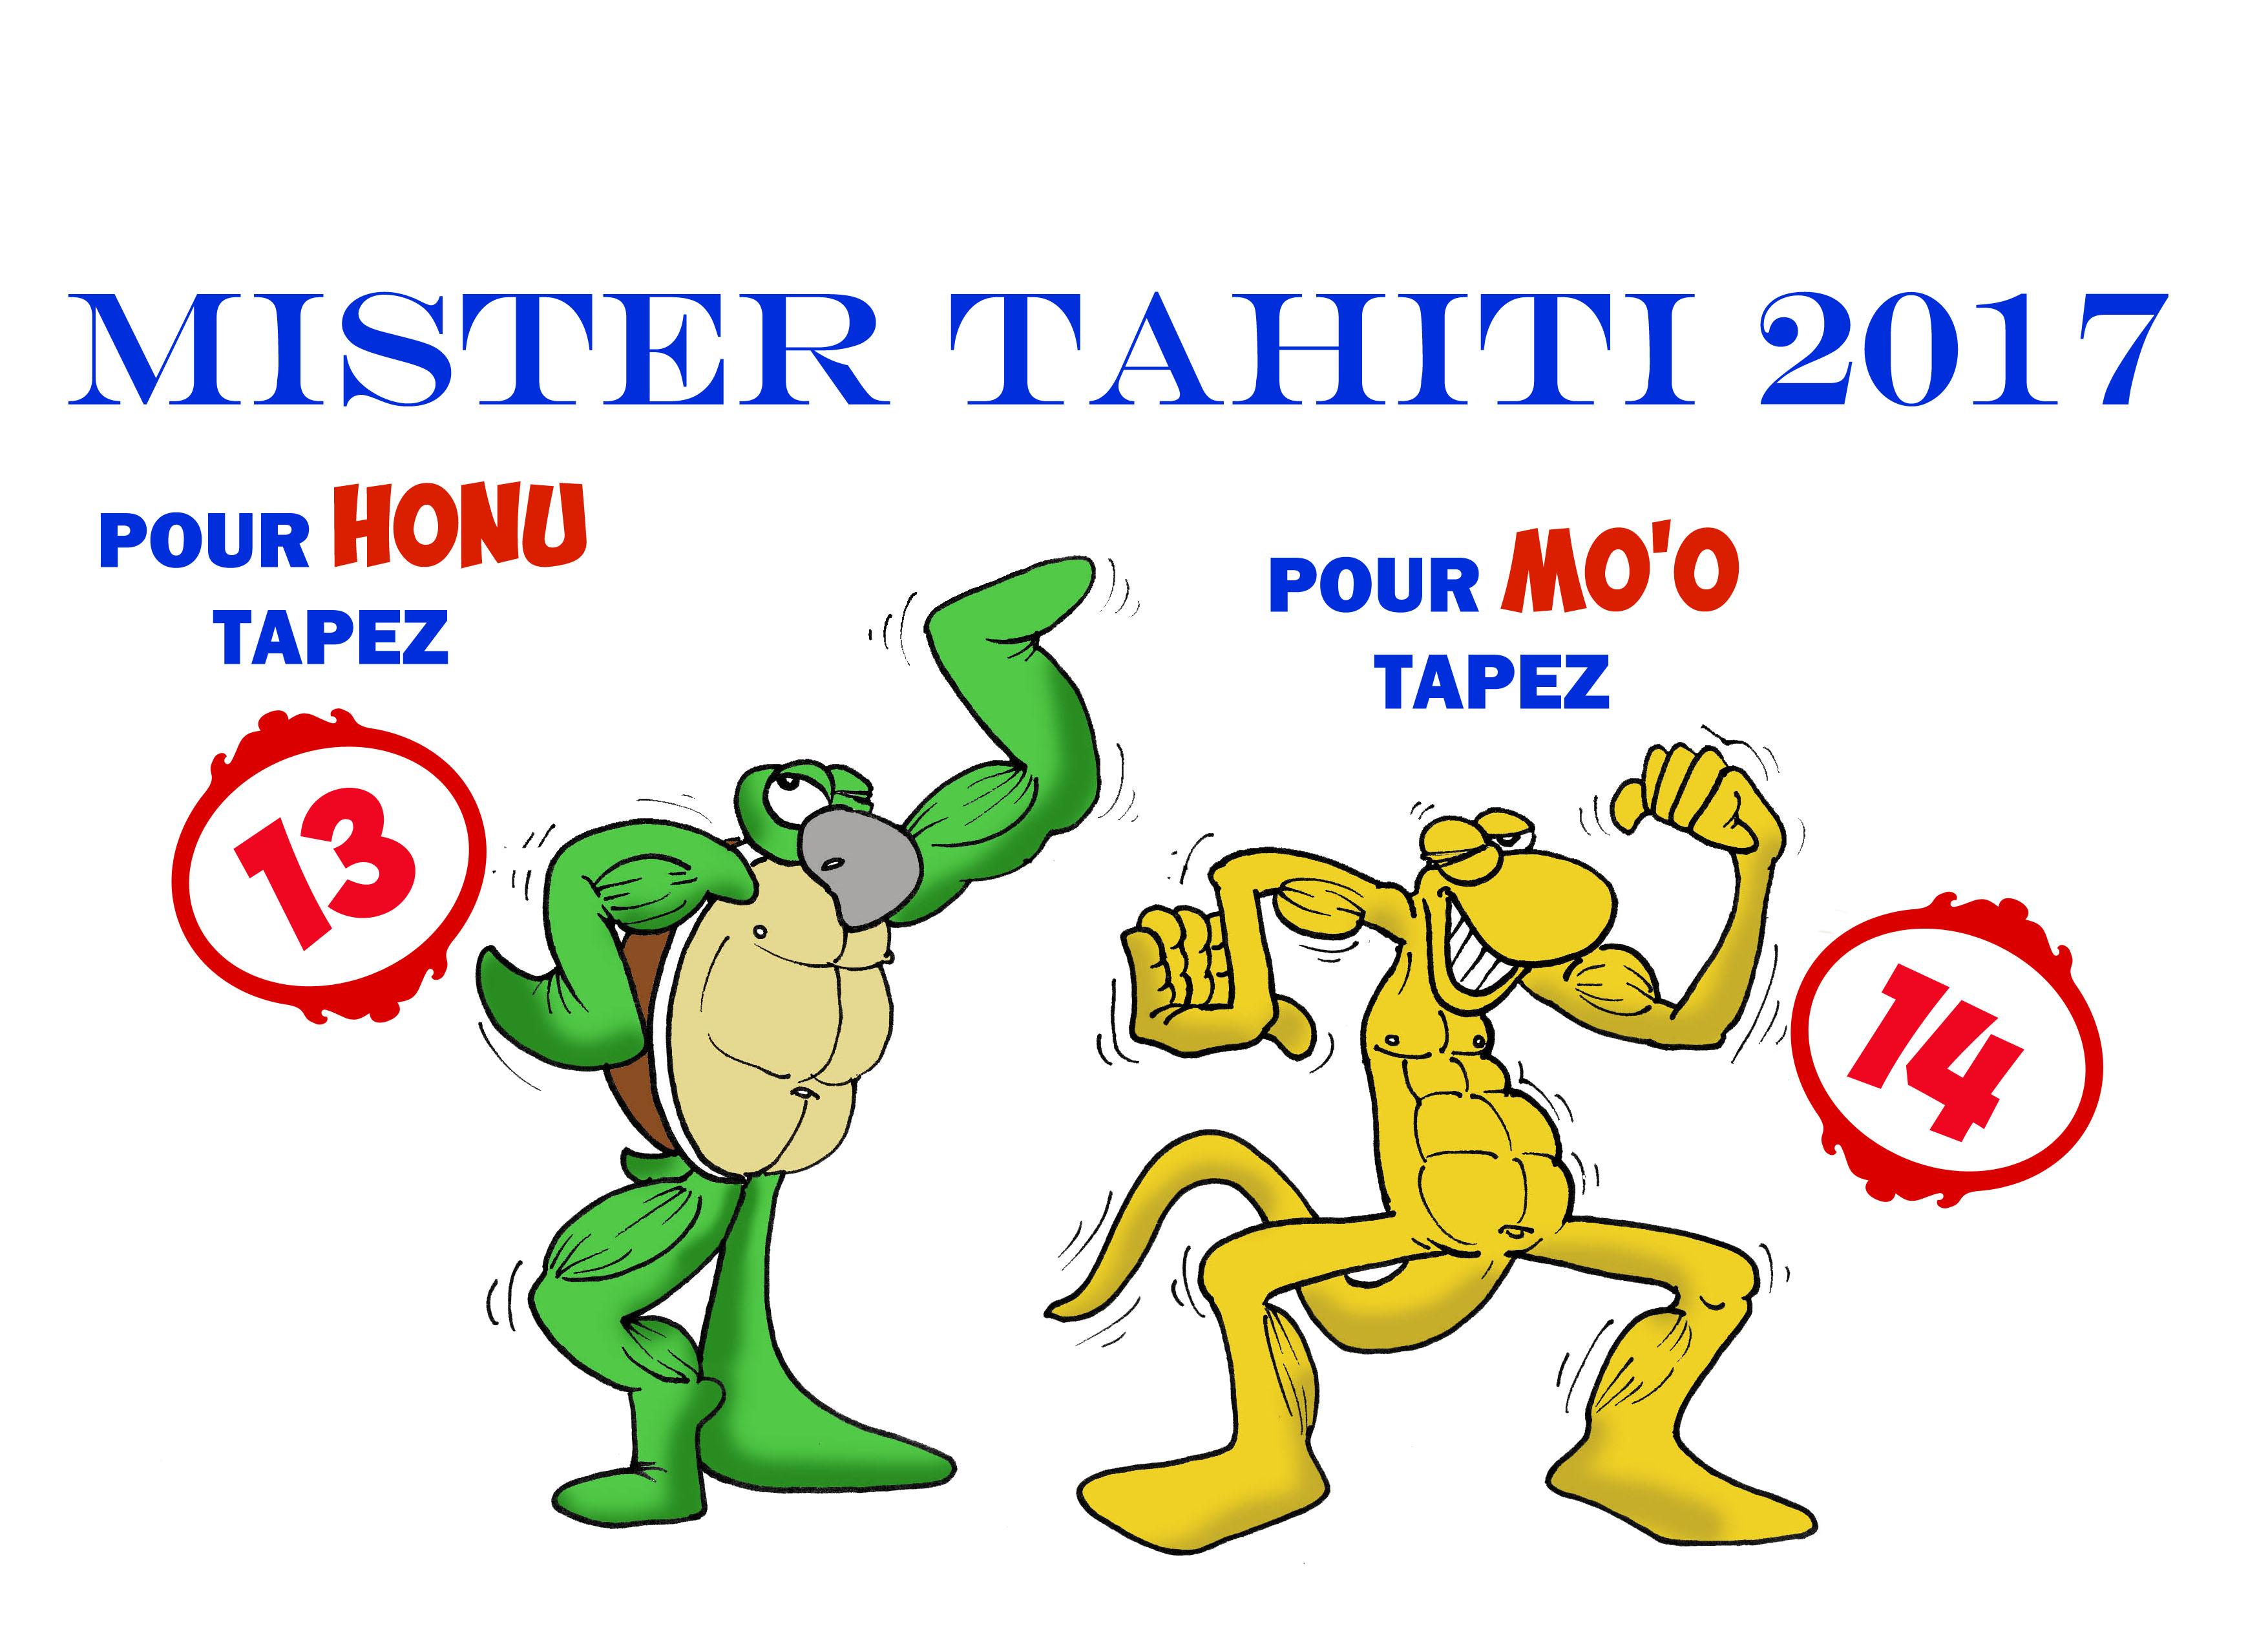 """"""" Mister Tahiti 2017 """" par Munoz"""